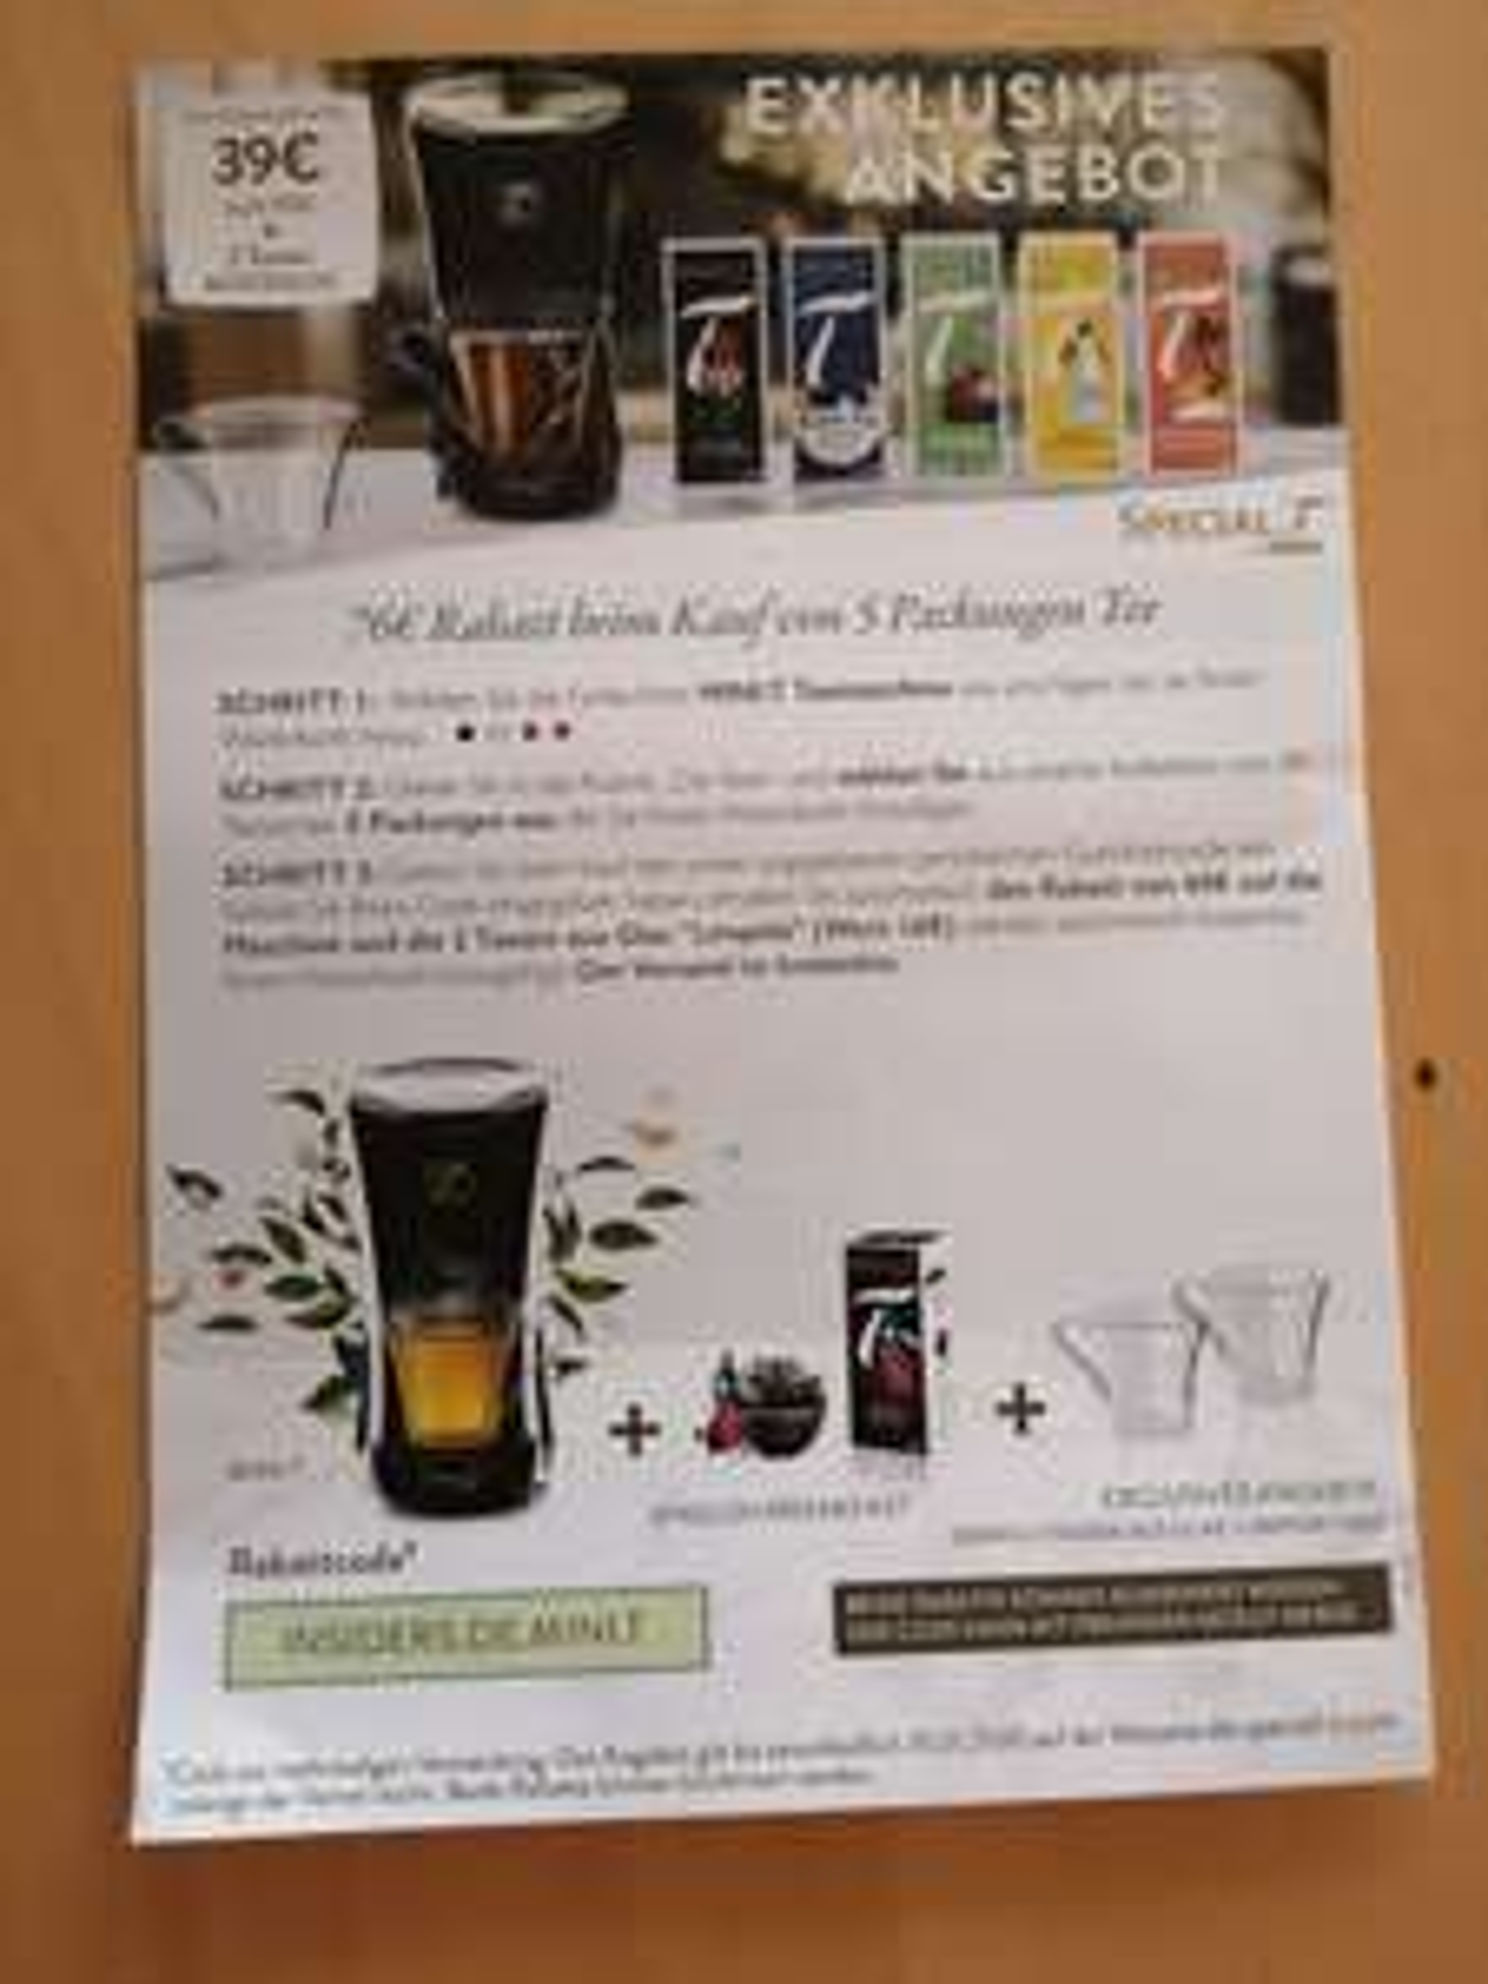 Mini.T Teemaschine für 39 € beim Kauf von 5 Packungen Tee (hierdrauf 20 %) + 2 Tassen kostenlos